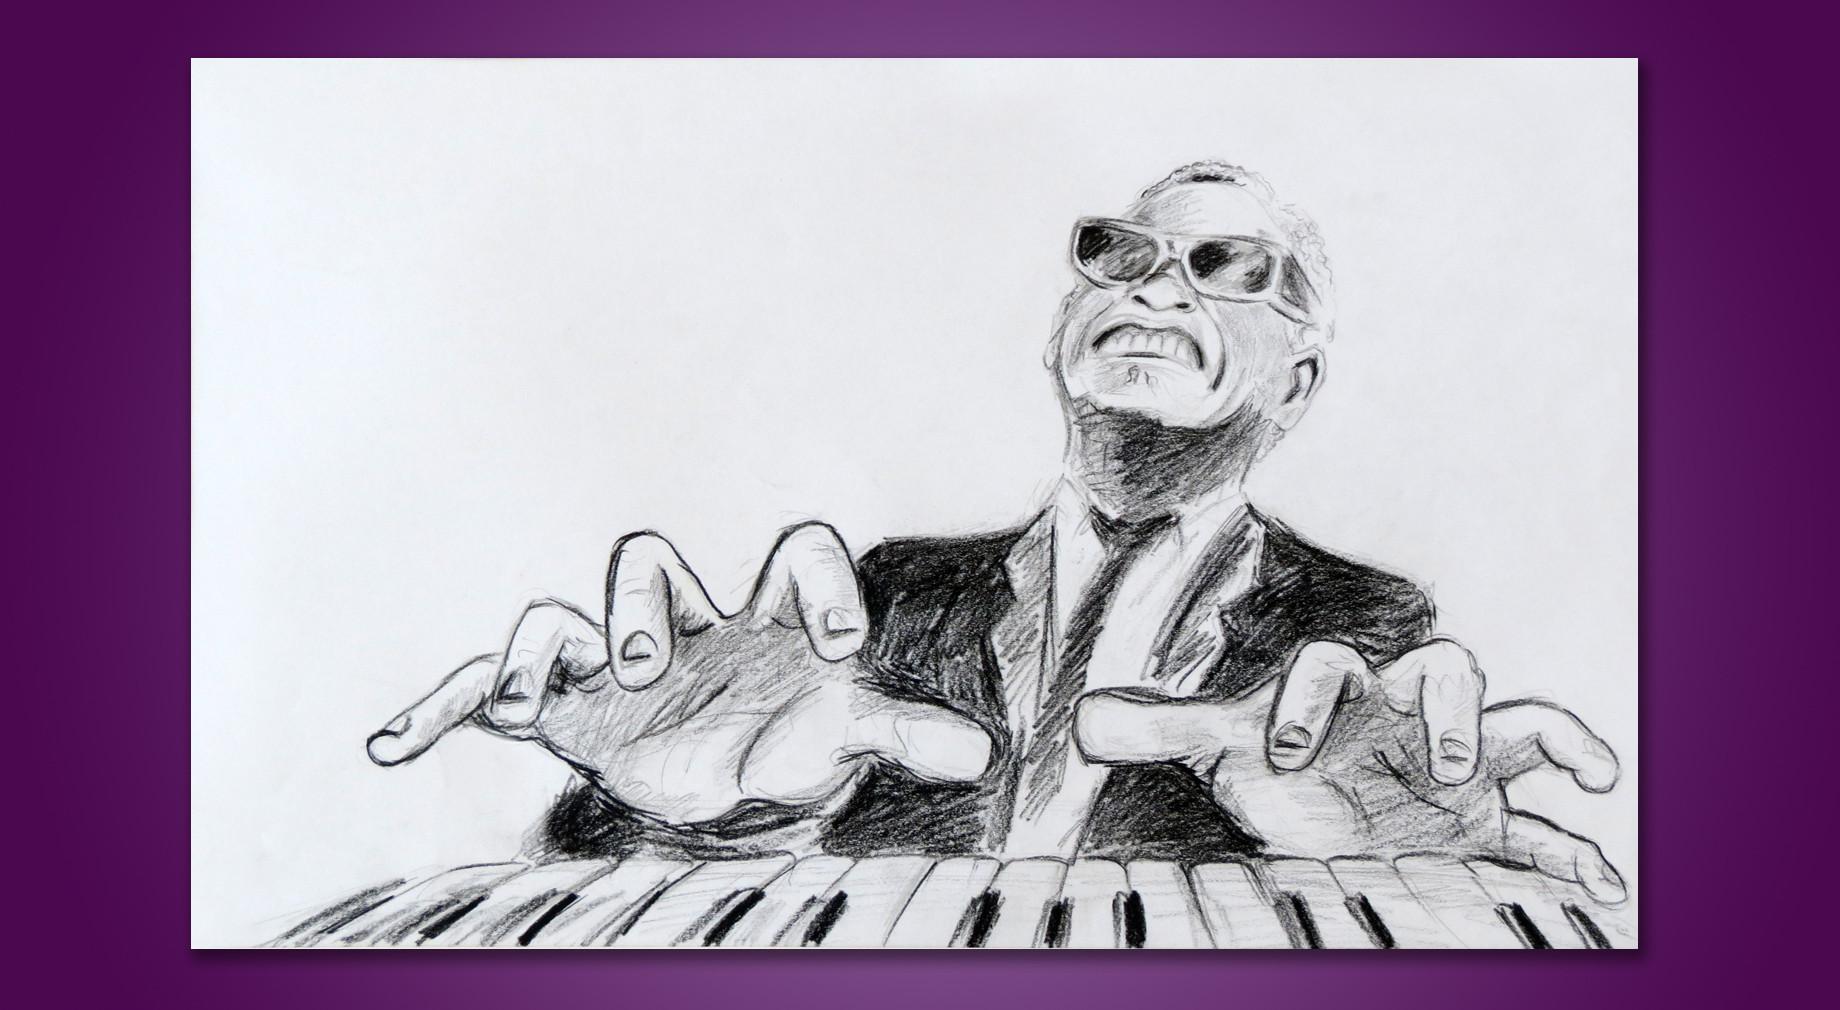 ריי צ'ארלס - איור בעיפרון פחם